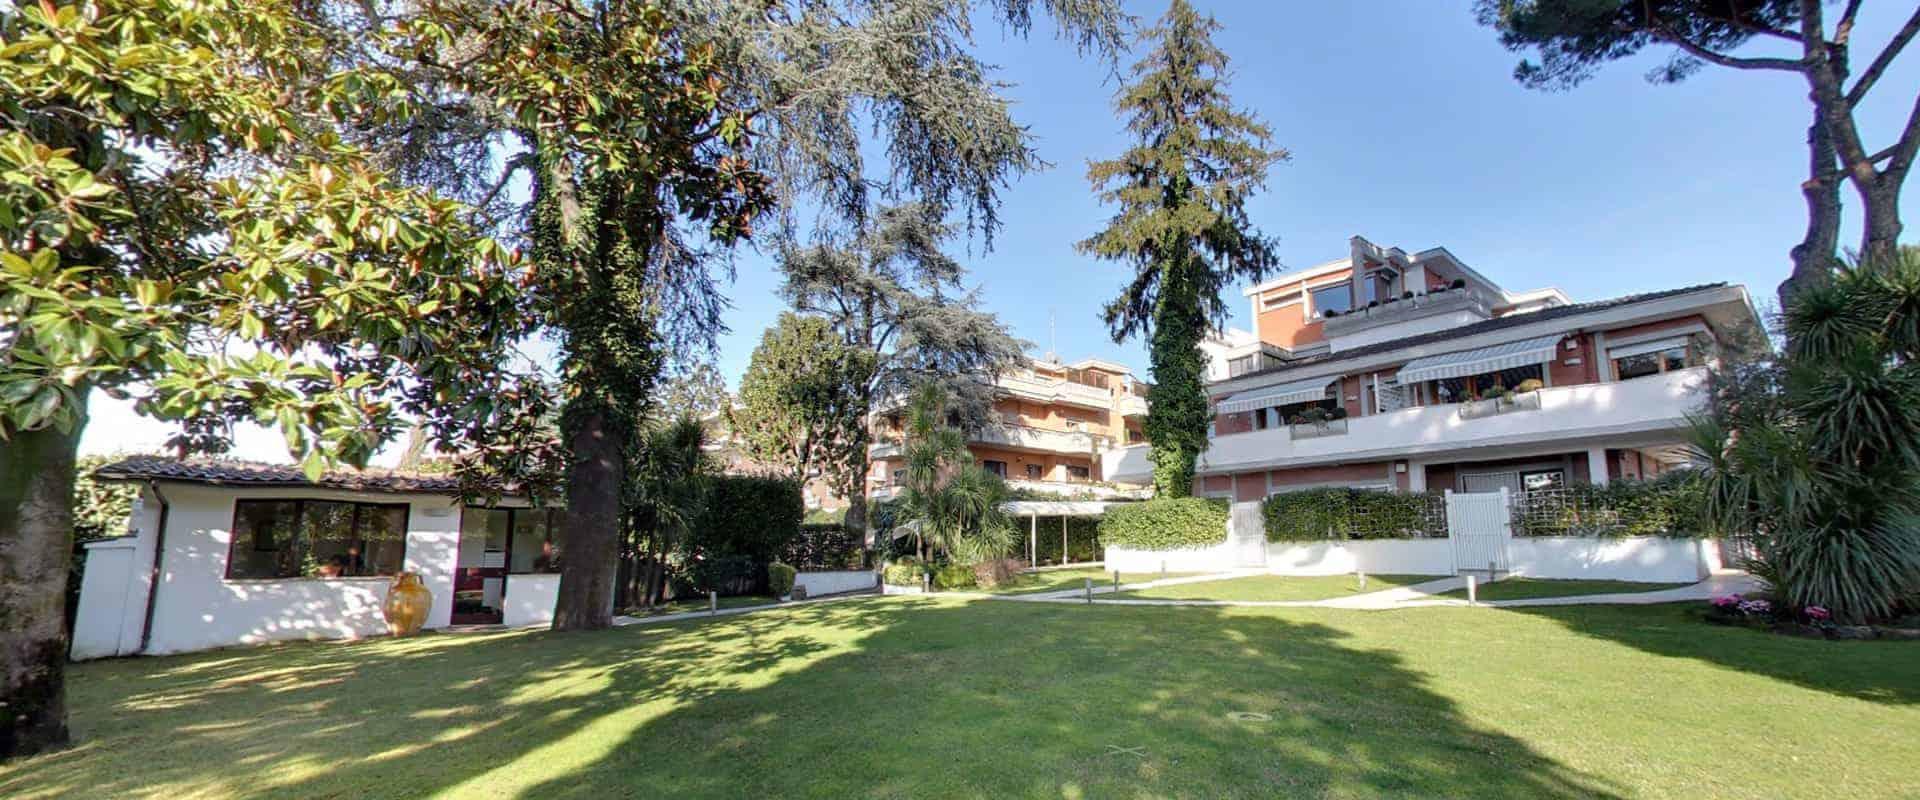 soggiorno lungo in residence Archivi - Residence Relais Cassia